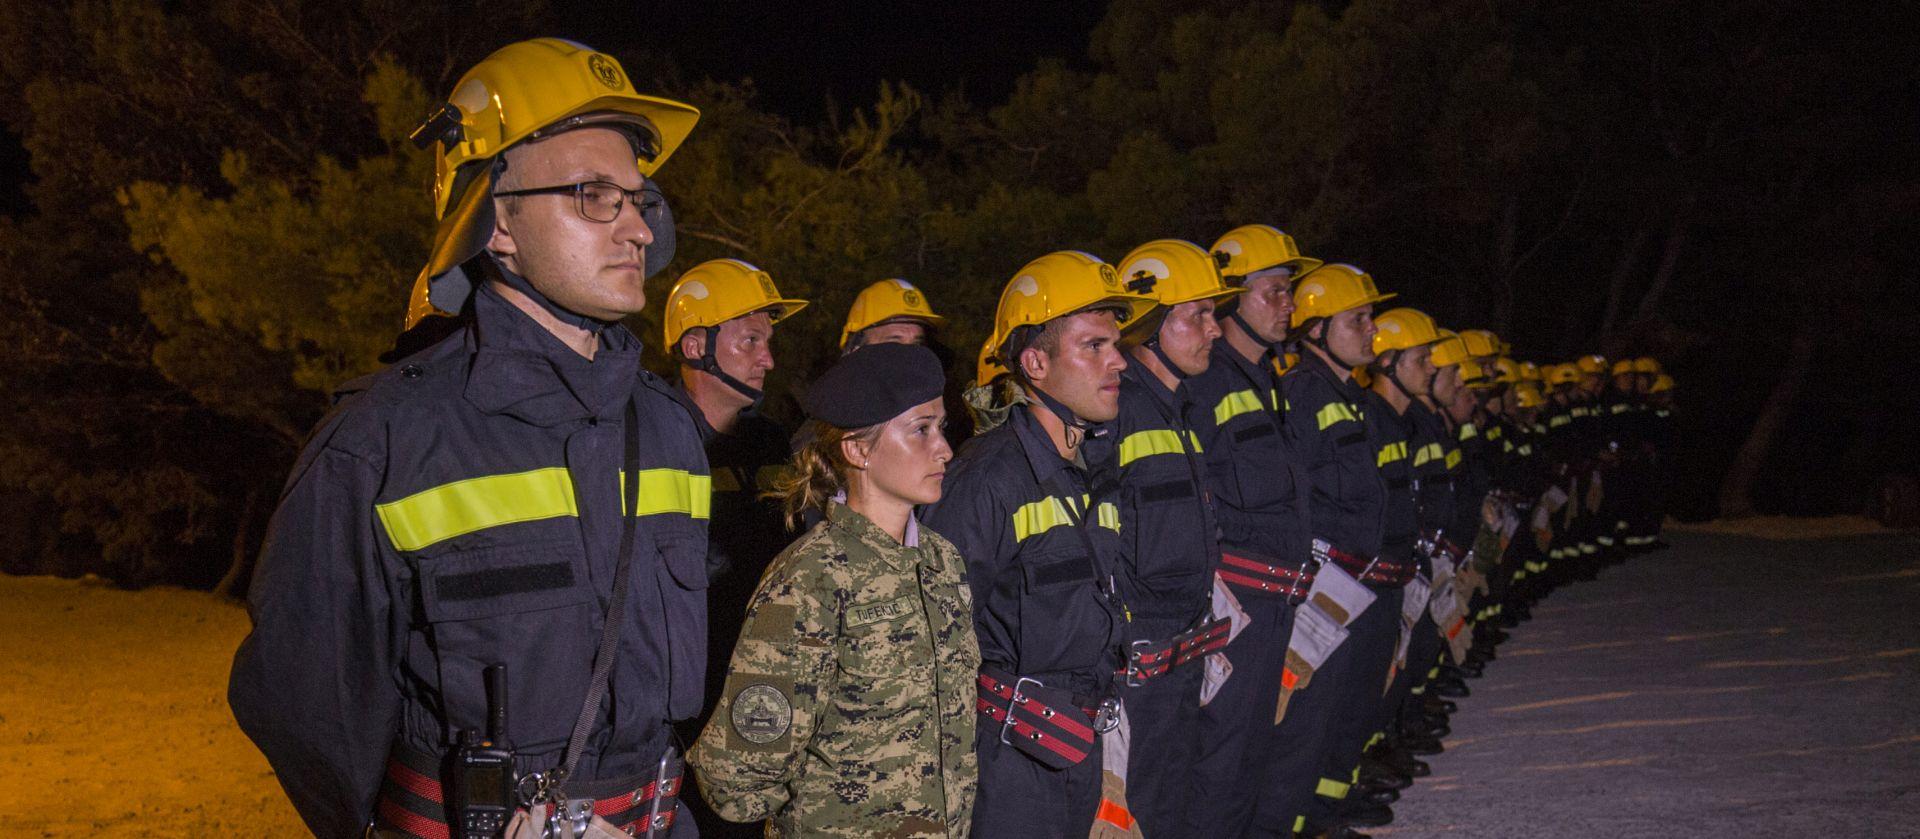 Trojica vatrogasaca pozitivna, službe rade punim kapacitetom